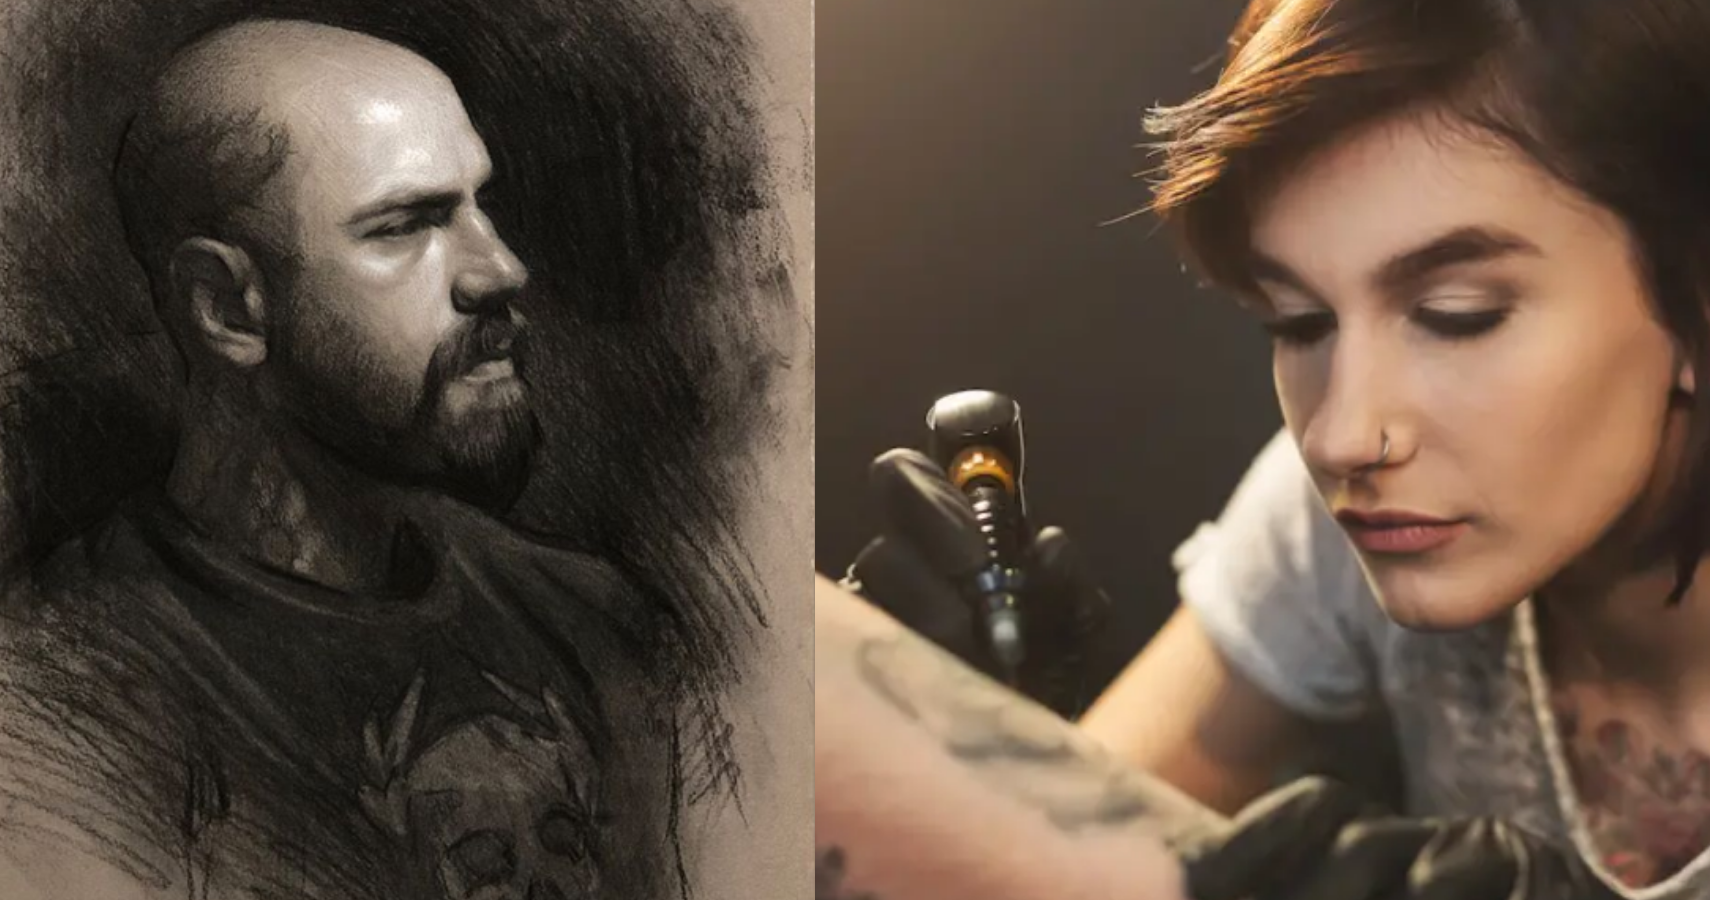 10 Best Tattoo Artists For Portrait Tattoos Thetalko